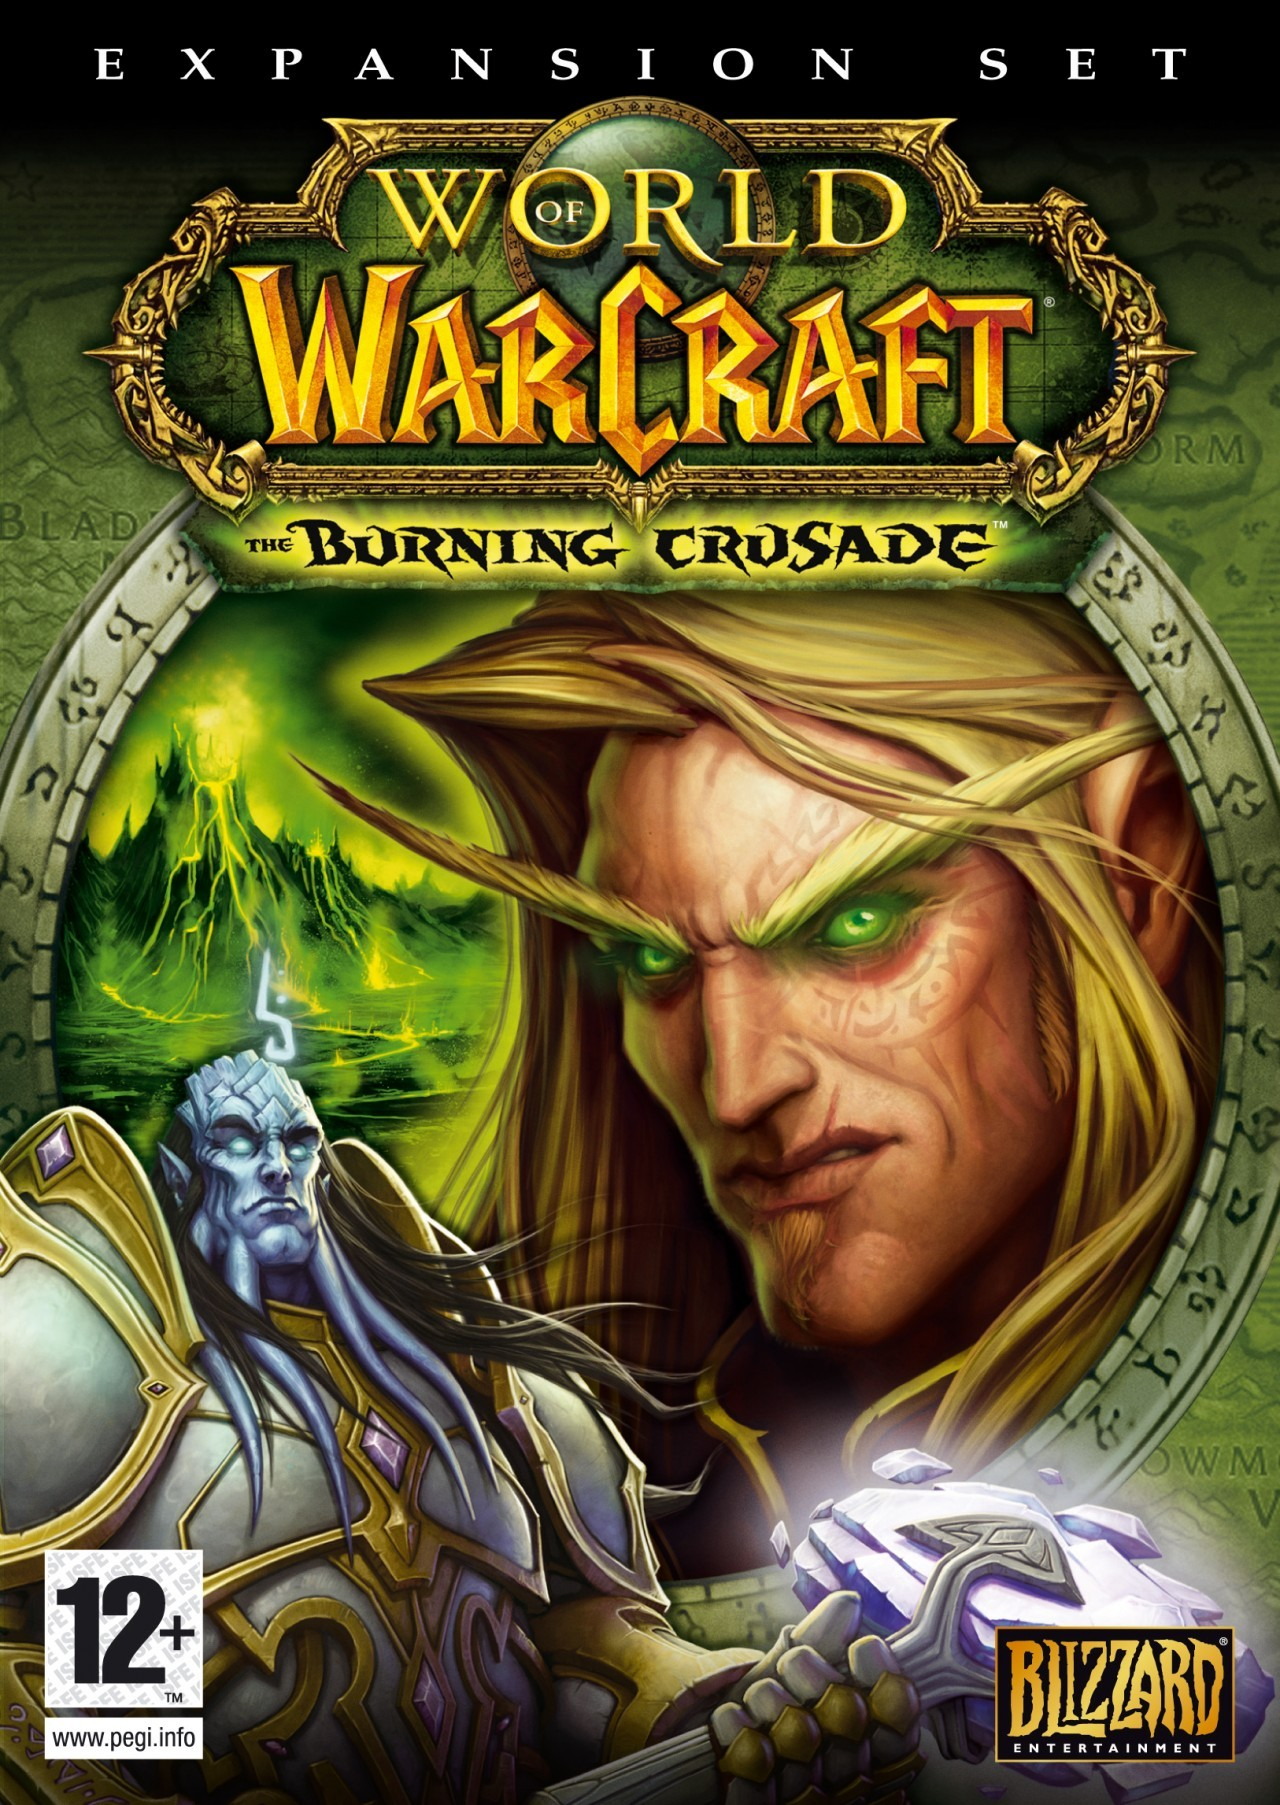 Скачать с торрента World of Warcraft Burning Crusade (оригинальная